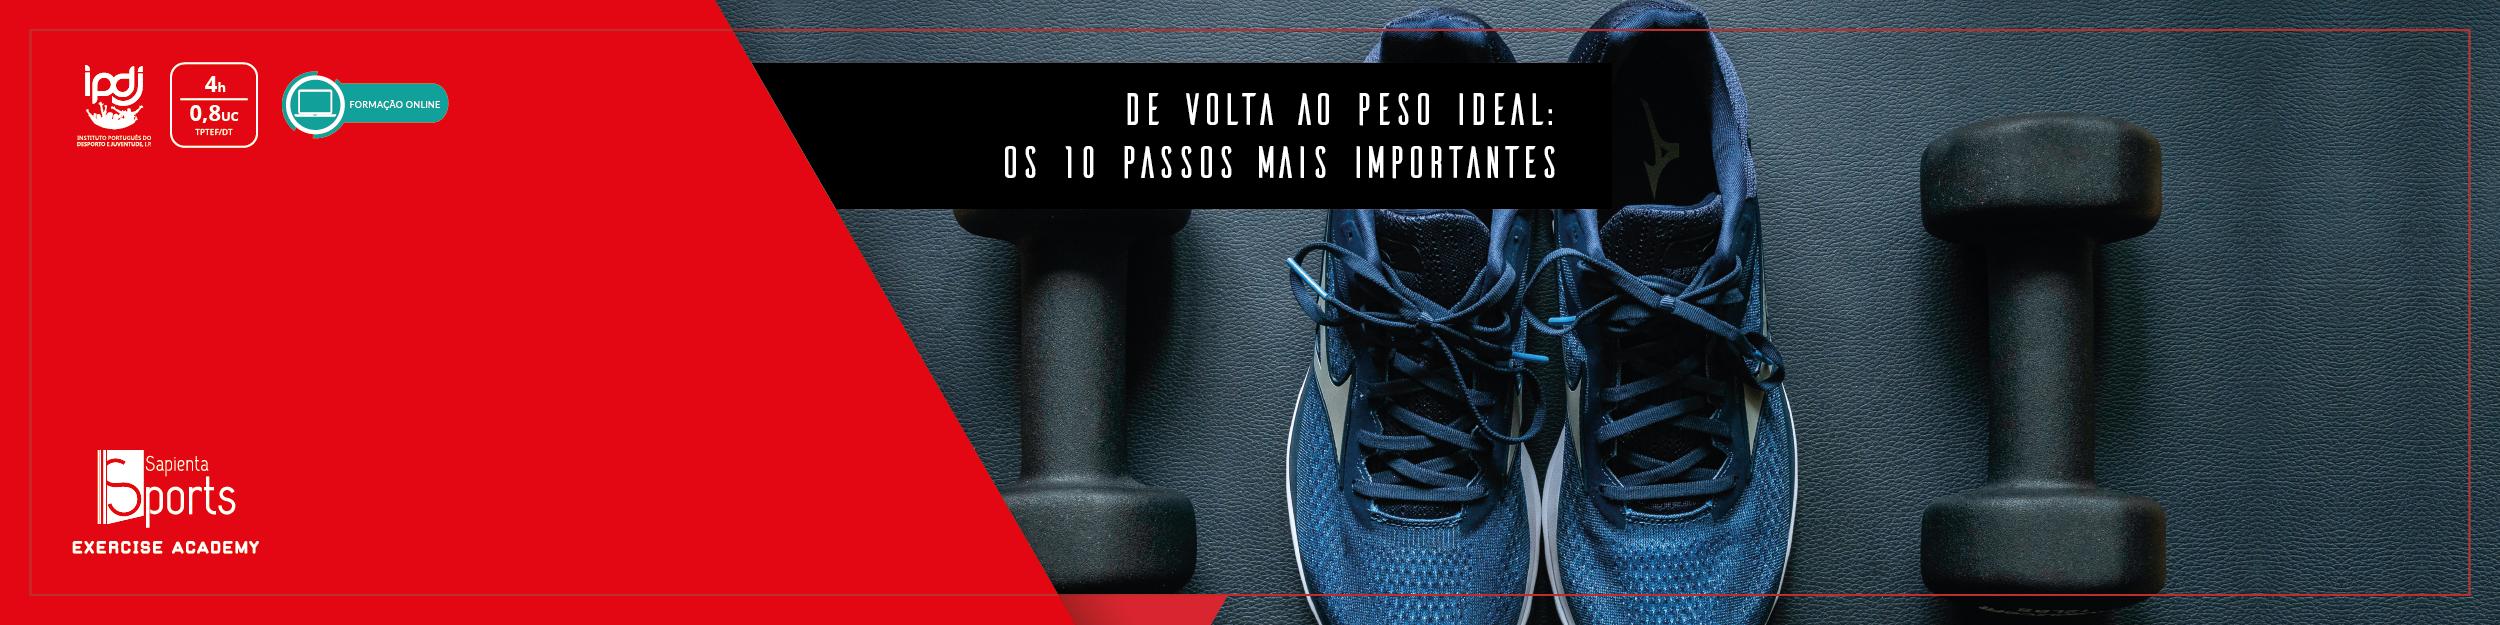 De volta ao peso ideal: os 10 passos mais importantes